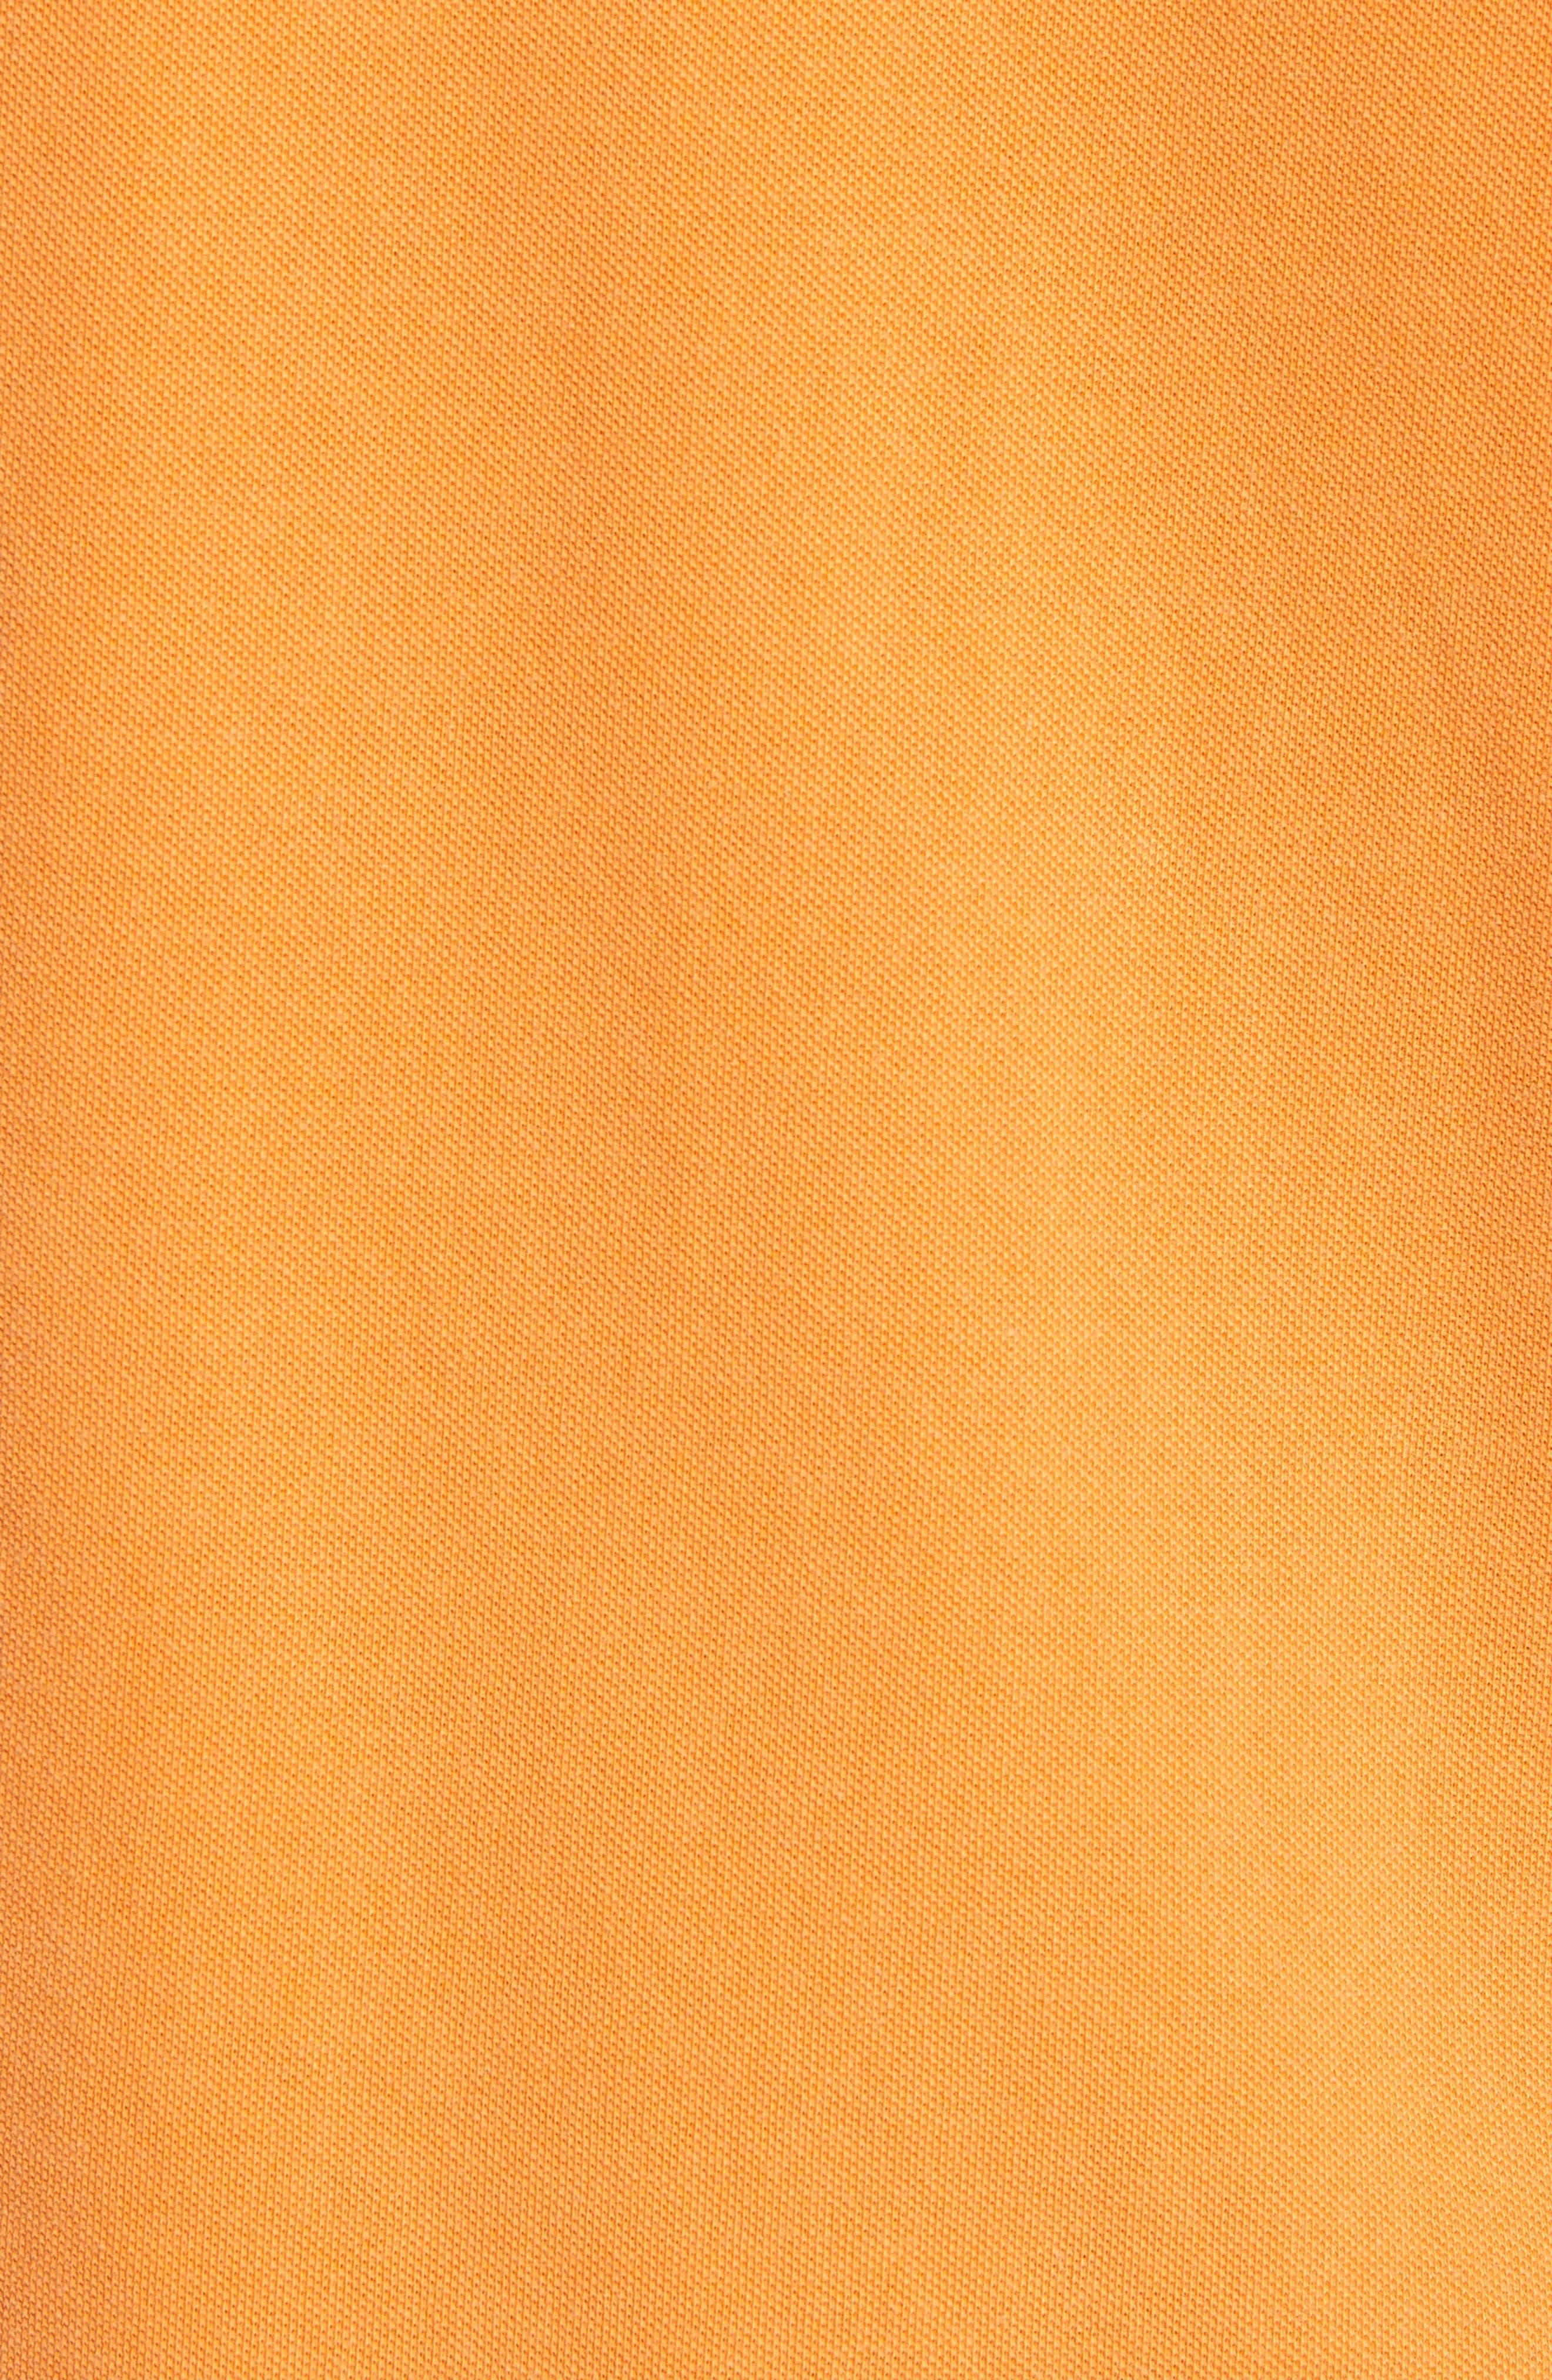 Washed Sports Polo Shirt,                             Alternate thumbnail 5, color,                             Acid Orange